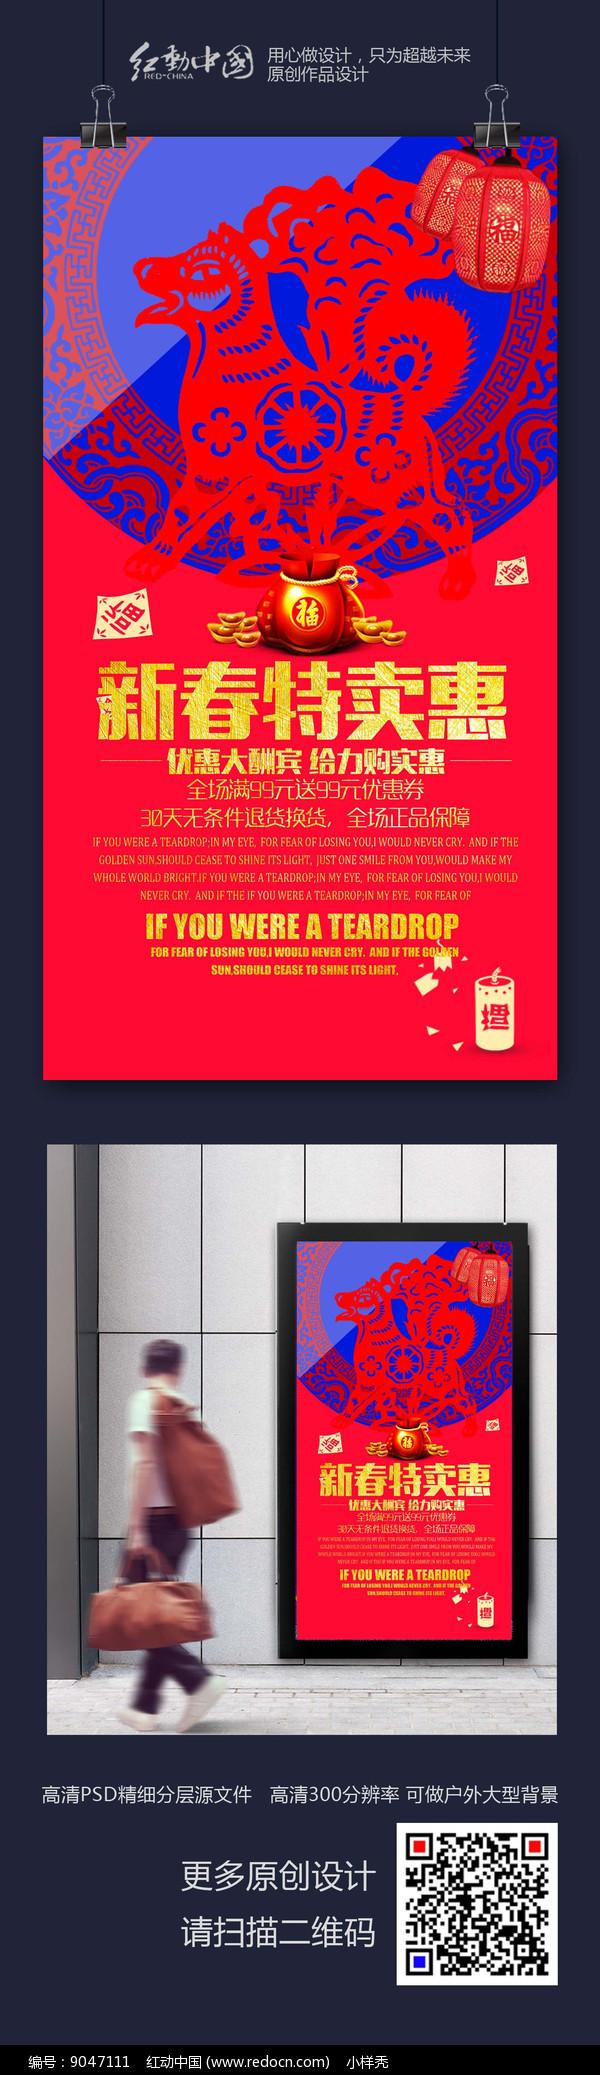 新春特卖惠活动促销海报图片